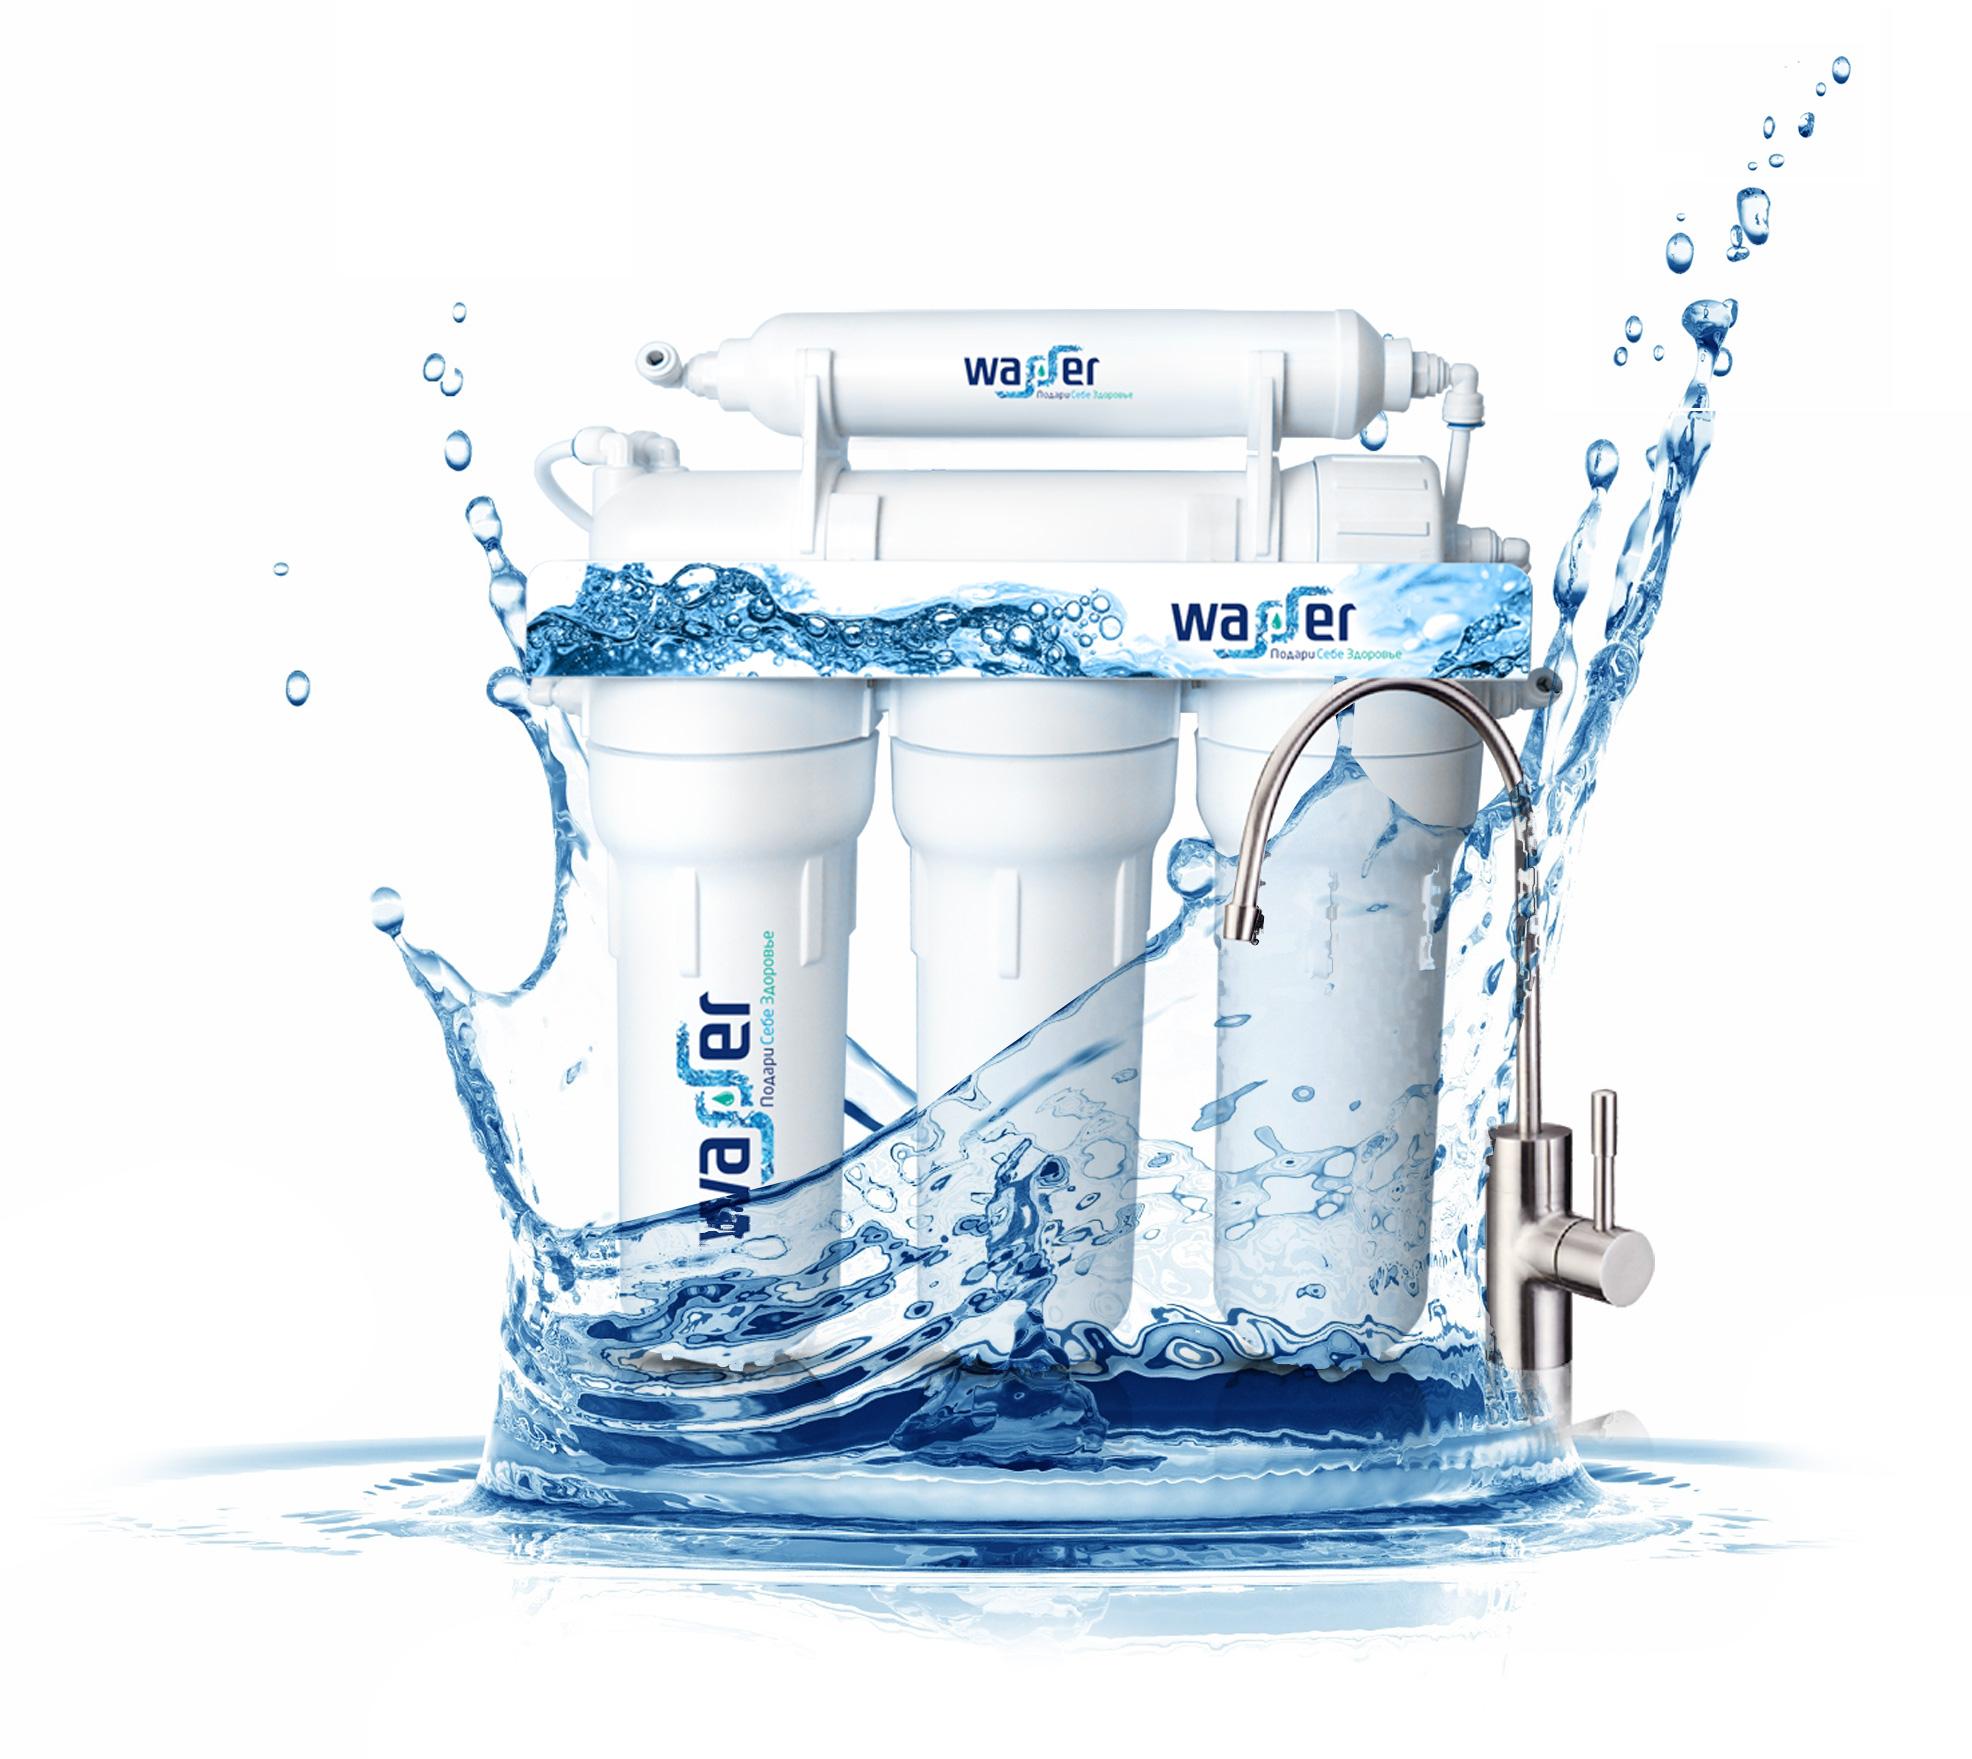 Выбираем фильтры для очистки воды: рекомендации и отзывы